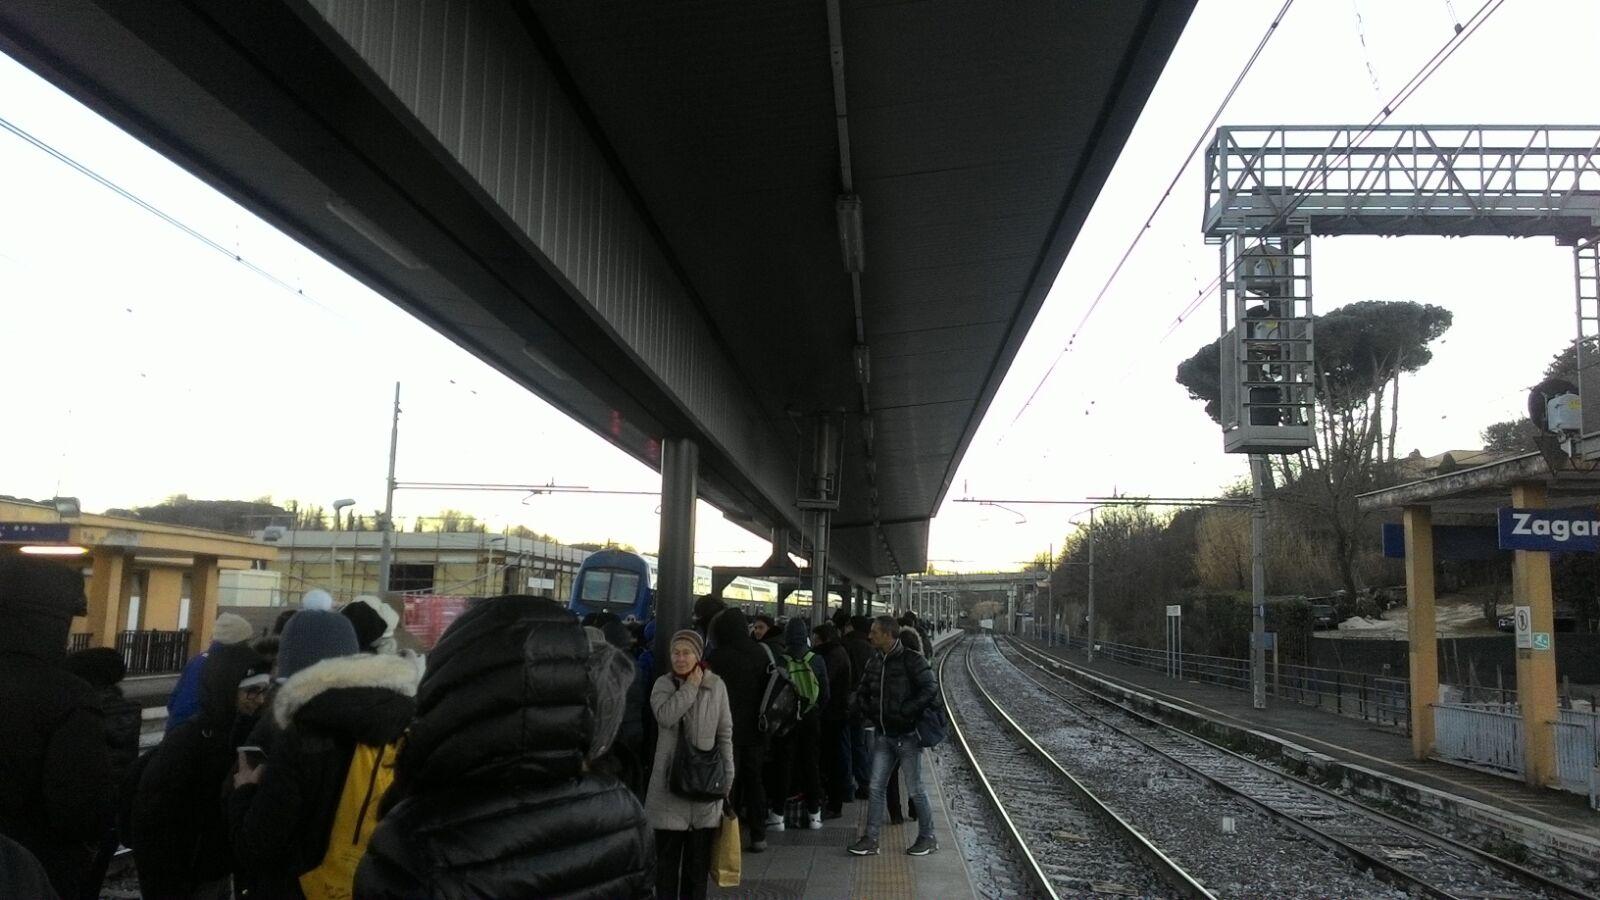 FL6 Roma Cassino guasto treno Tor Vergata circolazione ferroviaria sospesa tra Ciampino e Colle Mattia oggi 14 giugno 2019